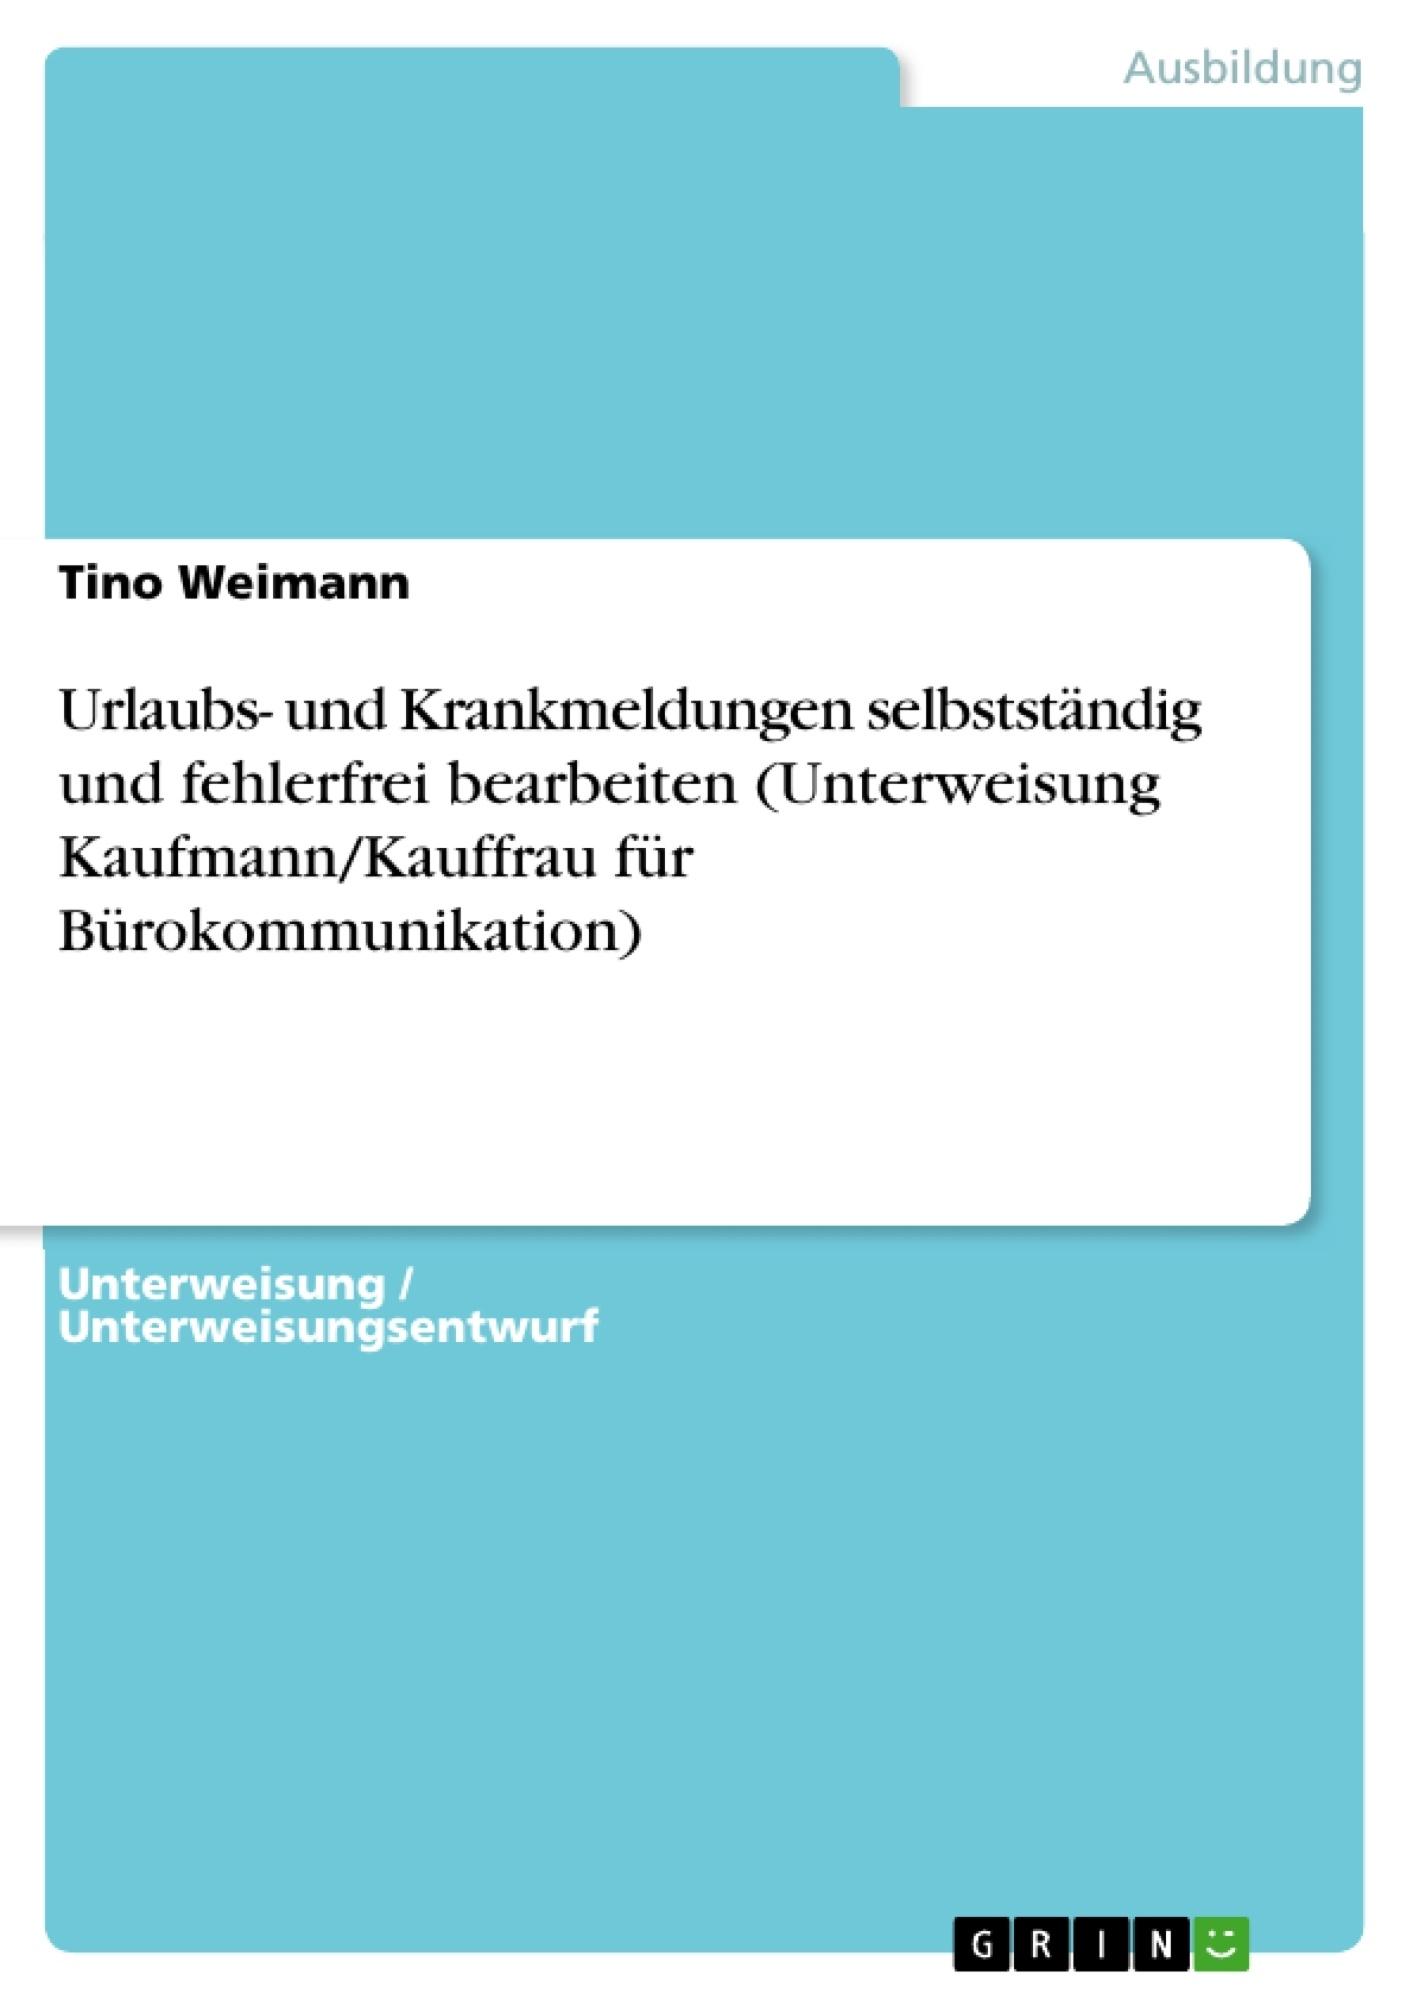 Titel: Urlaubs- und Krankmeldungen selbstständig und fehlerfrei bearbeiten (Unterweisung Kaufmann/Kauffrau für Bürokommunikation)